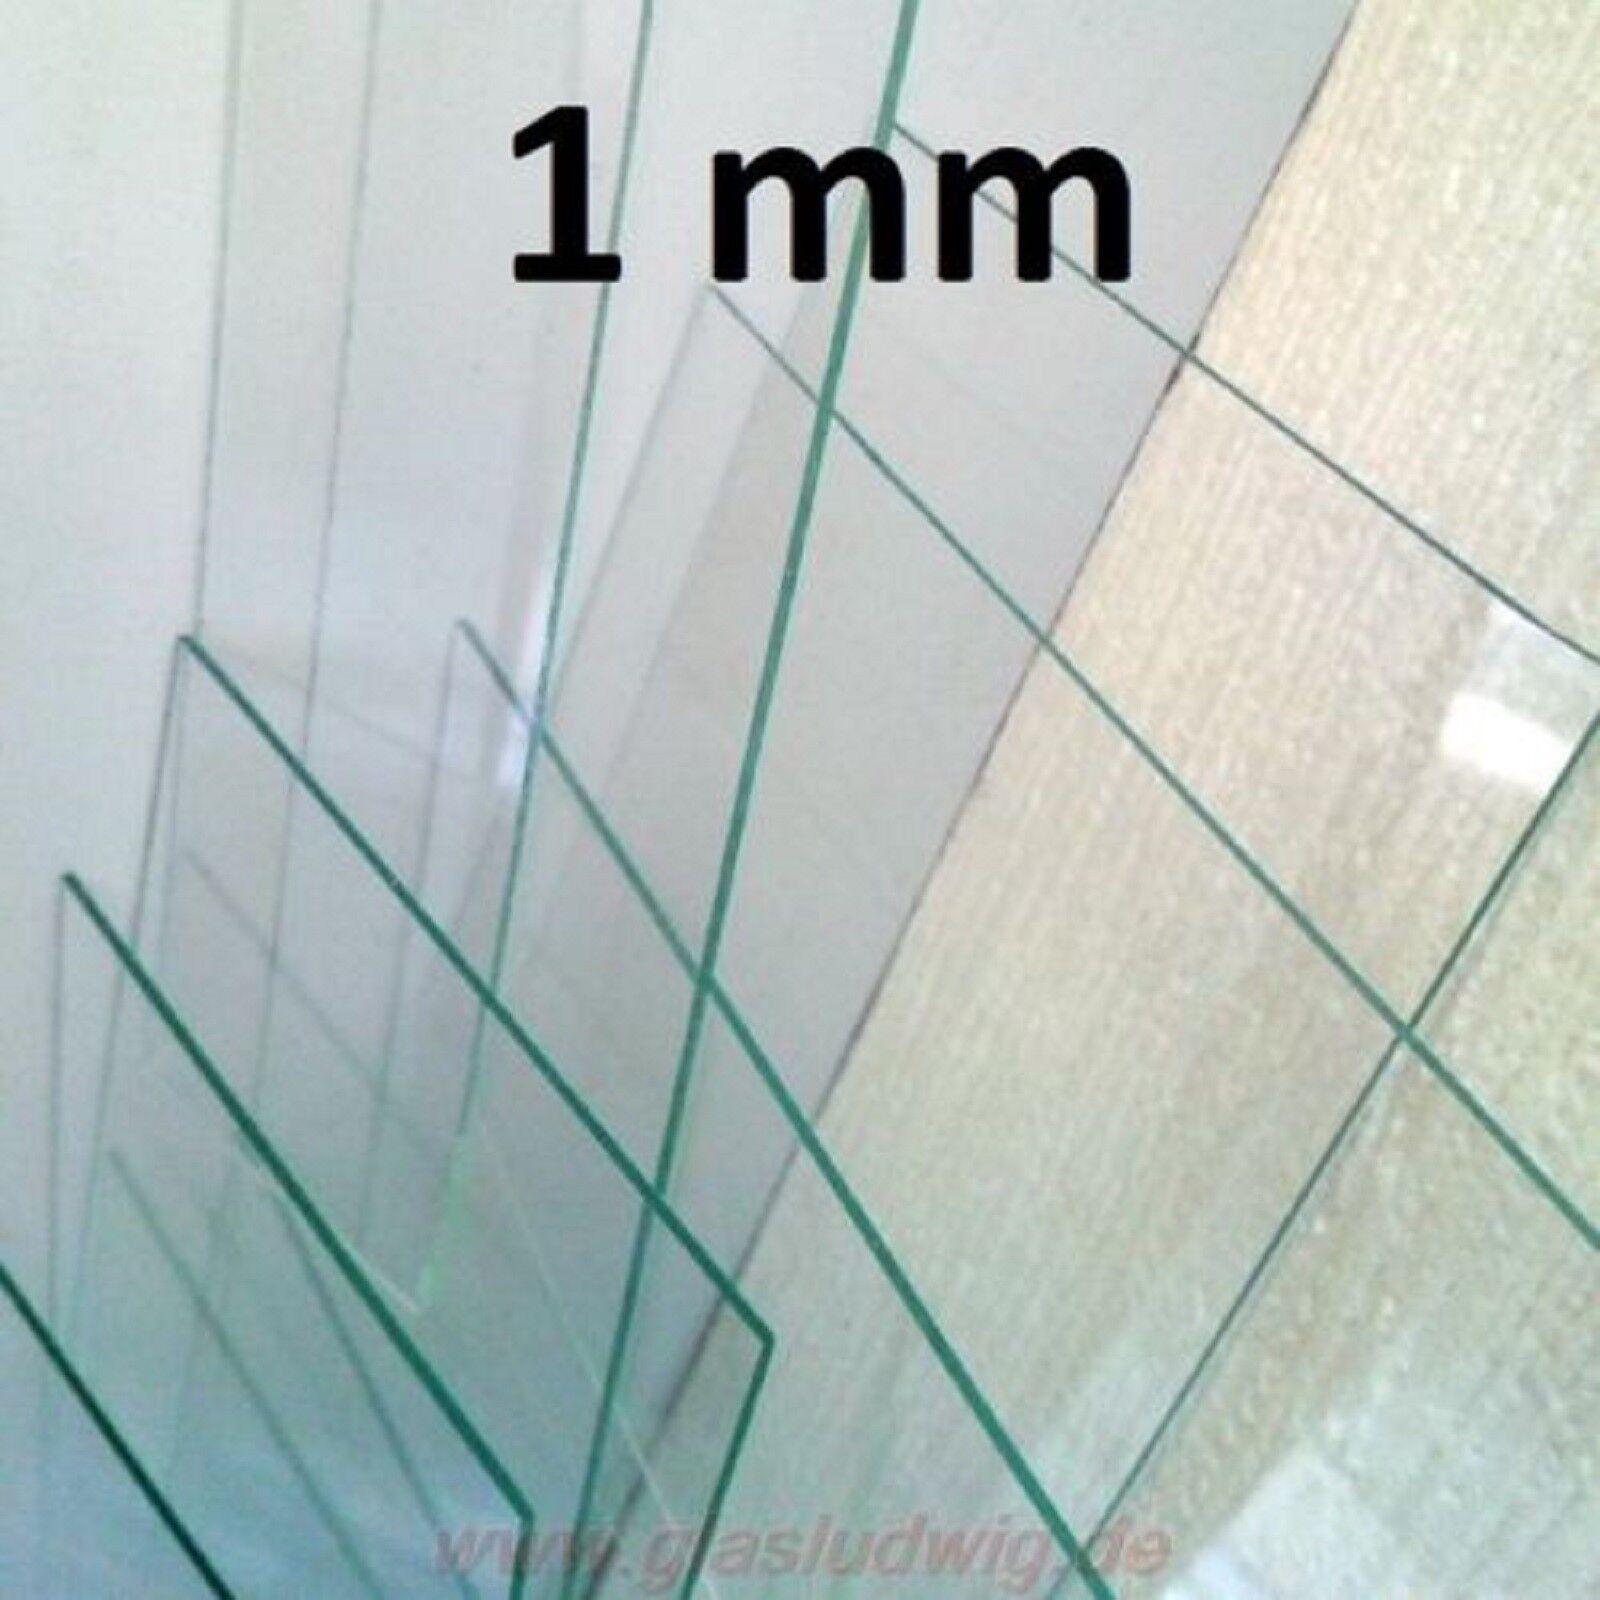 Dünnglas 1 mm sehr dünnes Glas, Notschlüsselkasten, Displayglas, Feuermelder